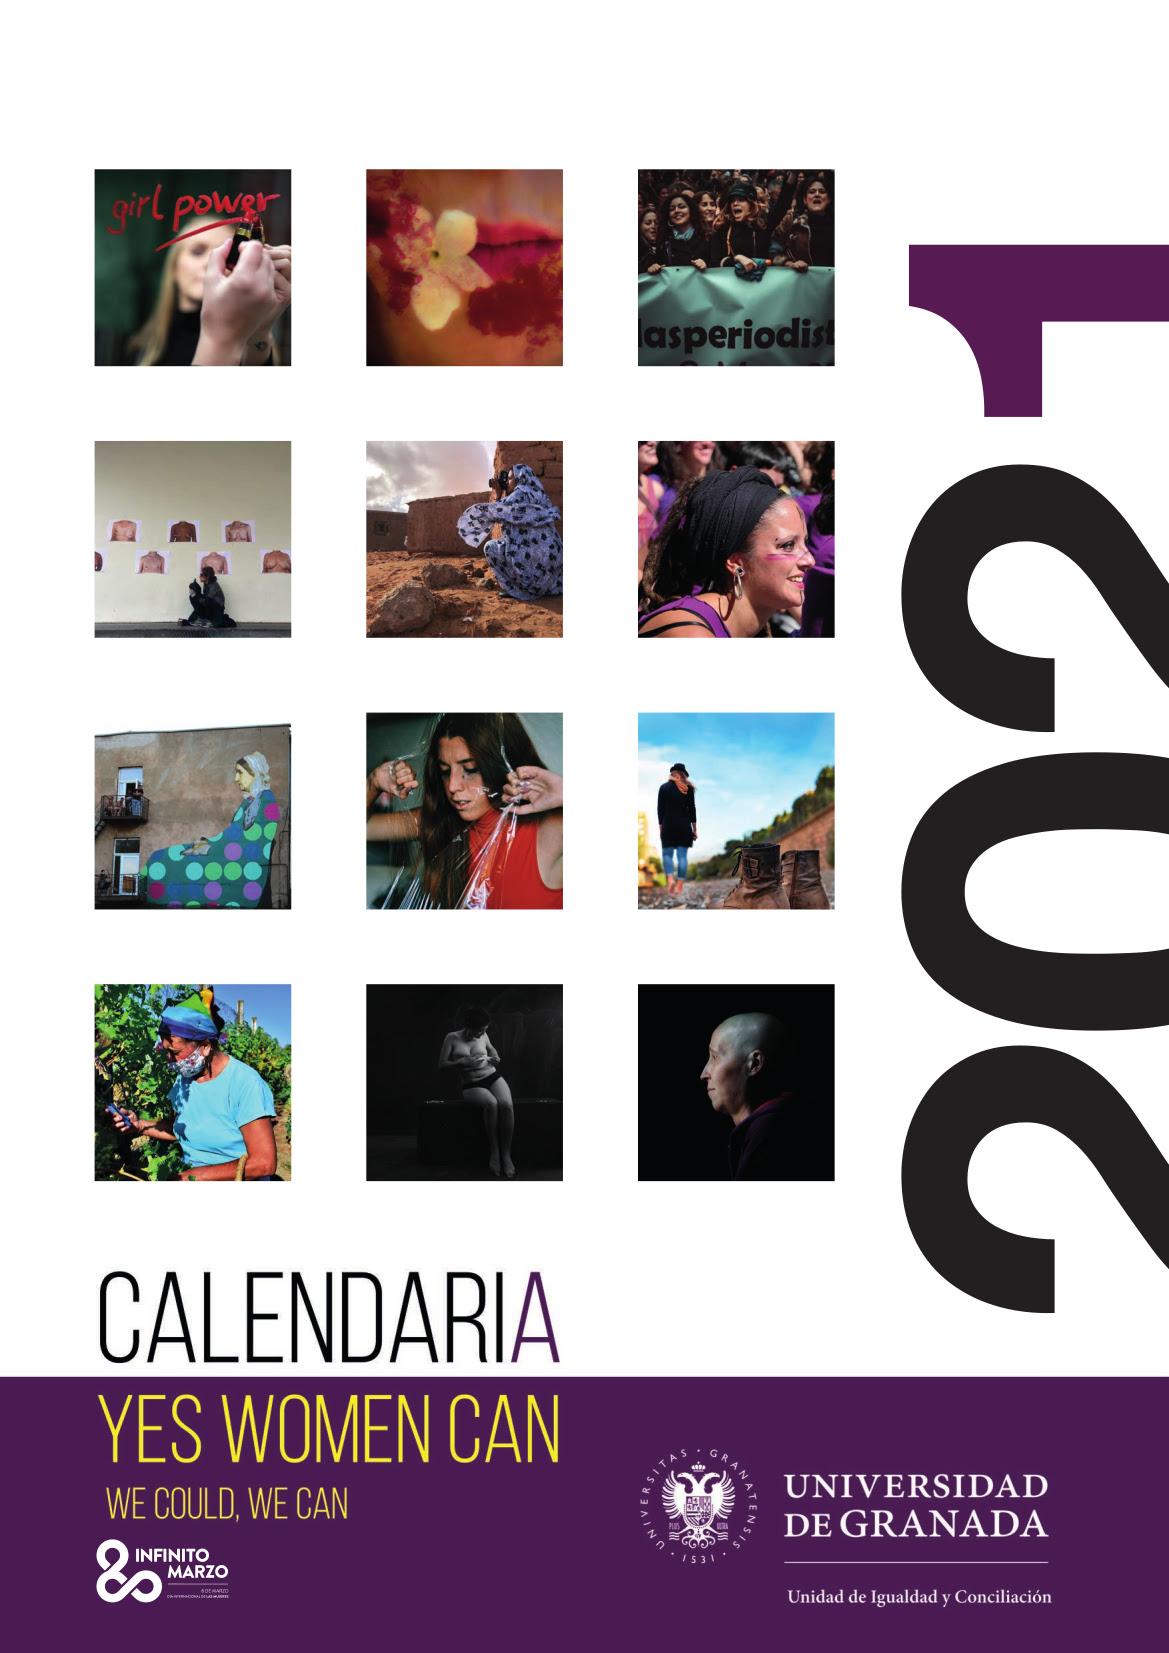 """""""CalendariA 2021"""", doce imágenes reivindican la Igualdad para el nuevo año"""